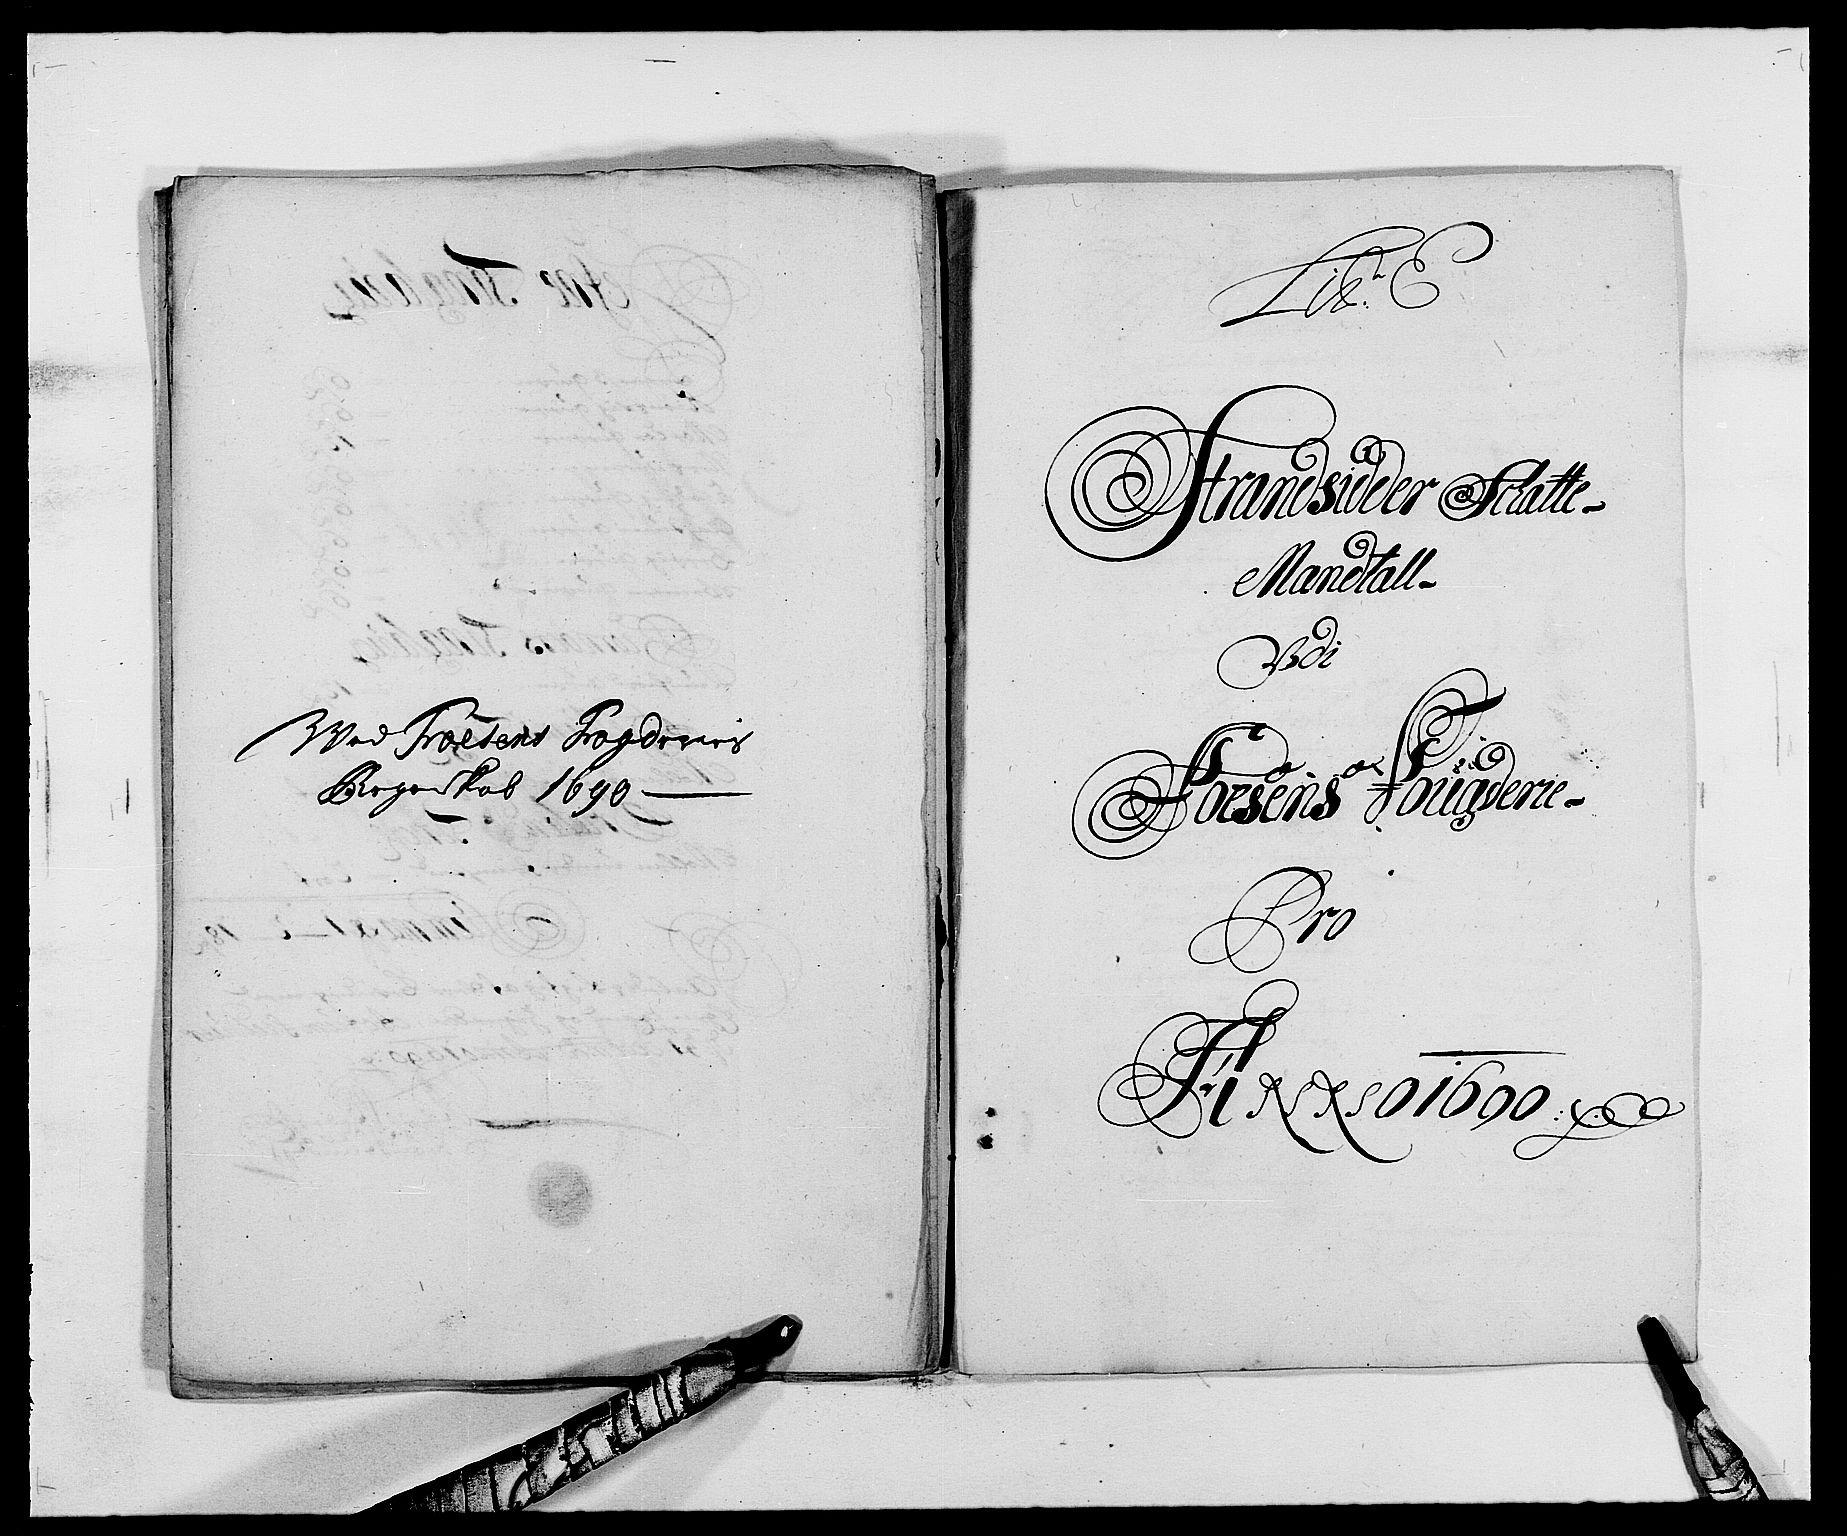 RA, Rentekammeret inntil 1814, Reviderte regnskaper, Fogderegnskap, R57/L3848: Fogderegnskap Fosen, 1690-1691, s. 80